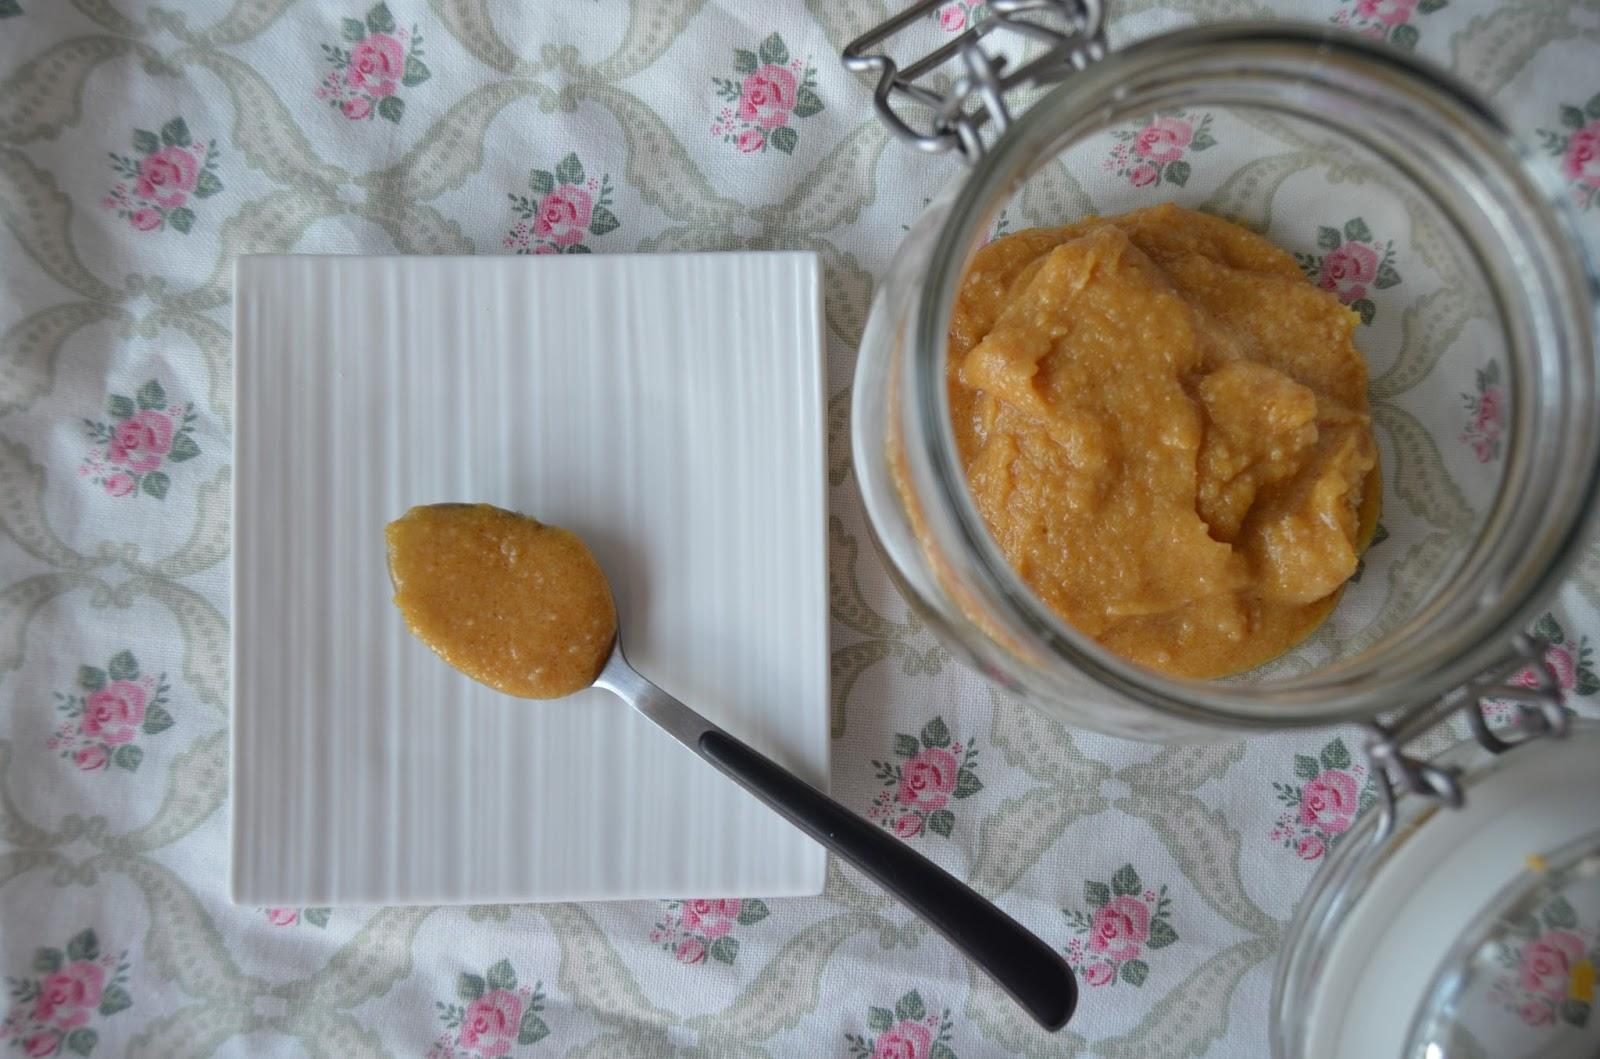 Praliné de nueces de macadamia